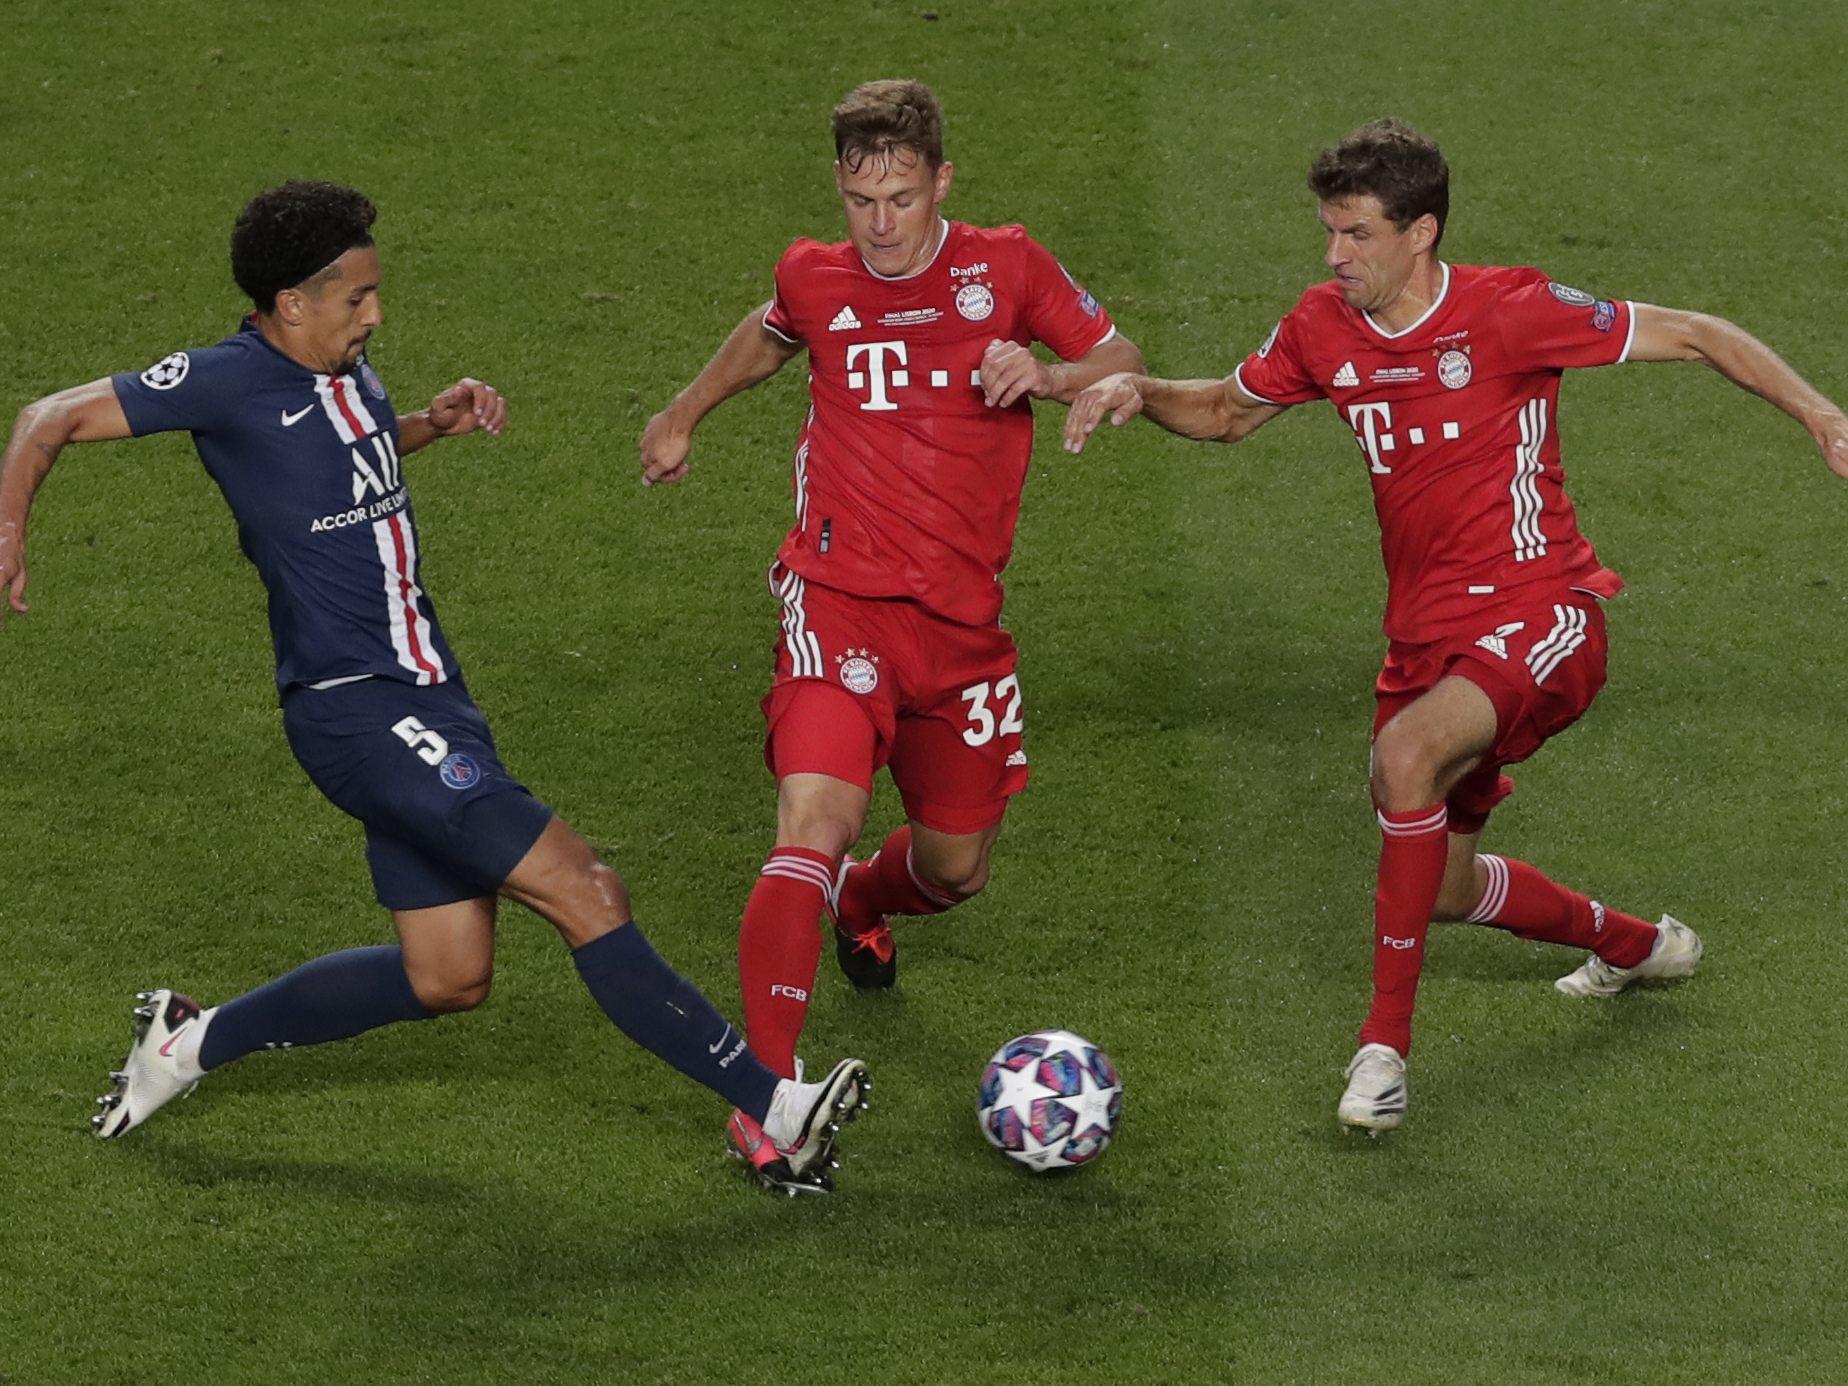 PSG und Bayern auf Triple-Jagd: Finale verspricht Spektakel - Fussball --  VOL.AT